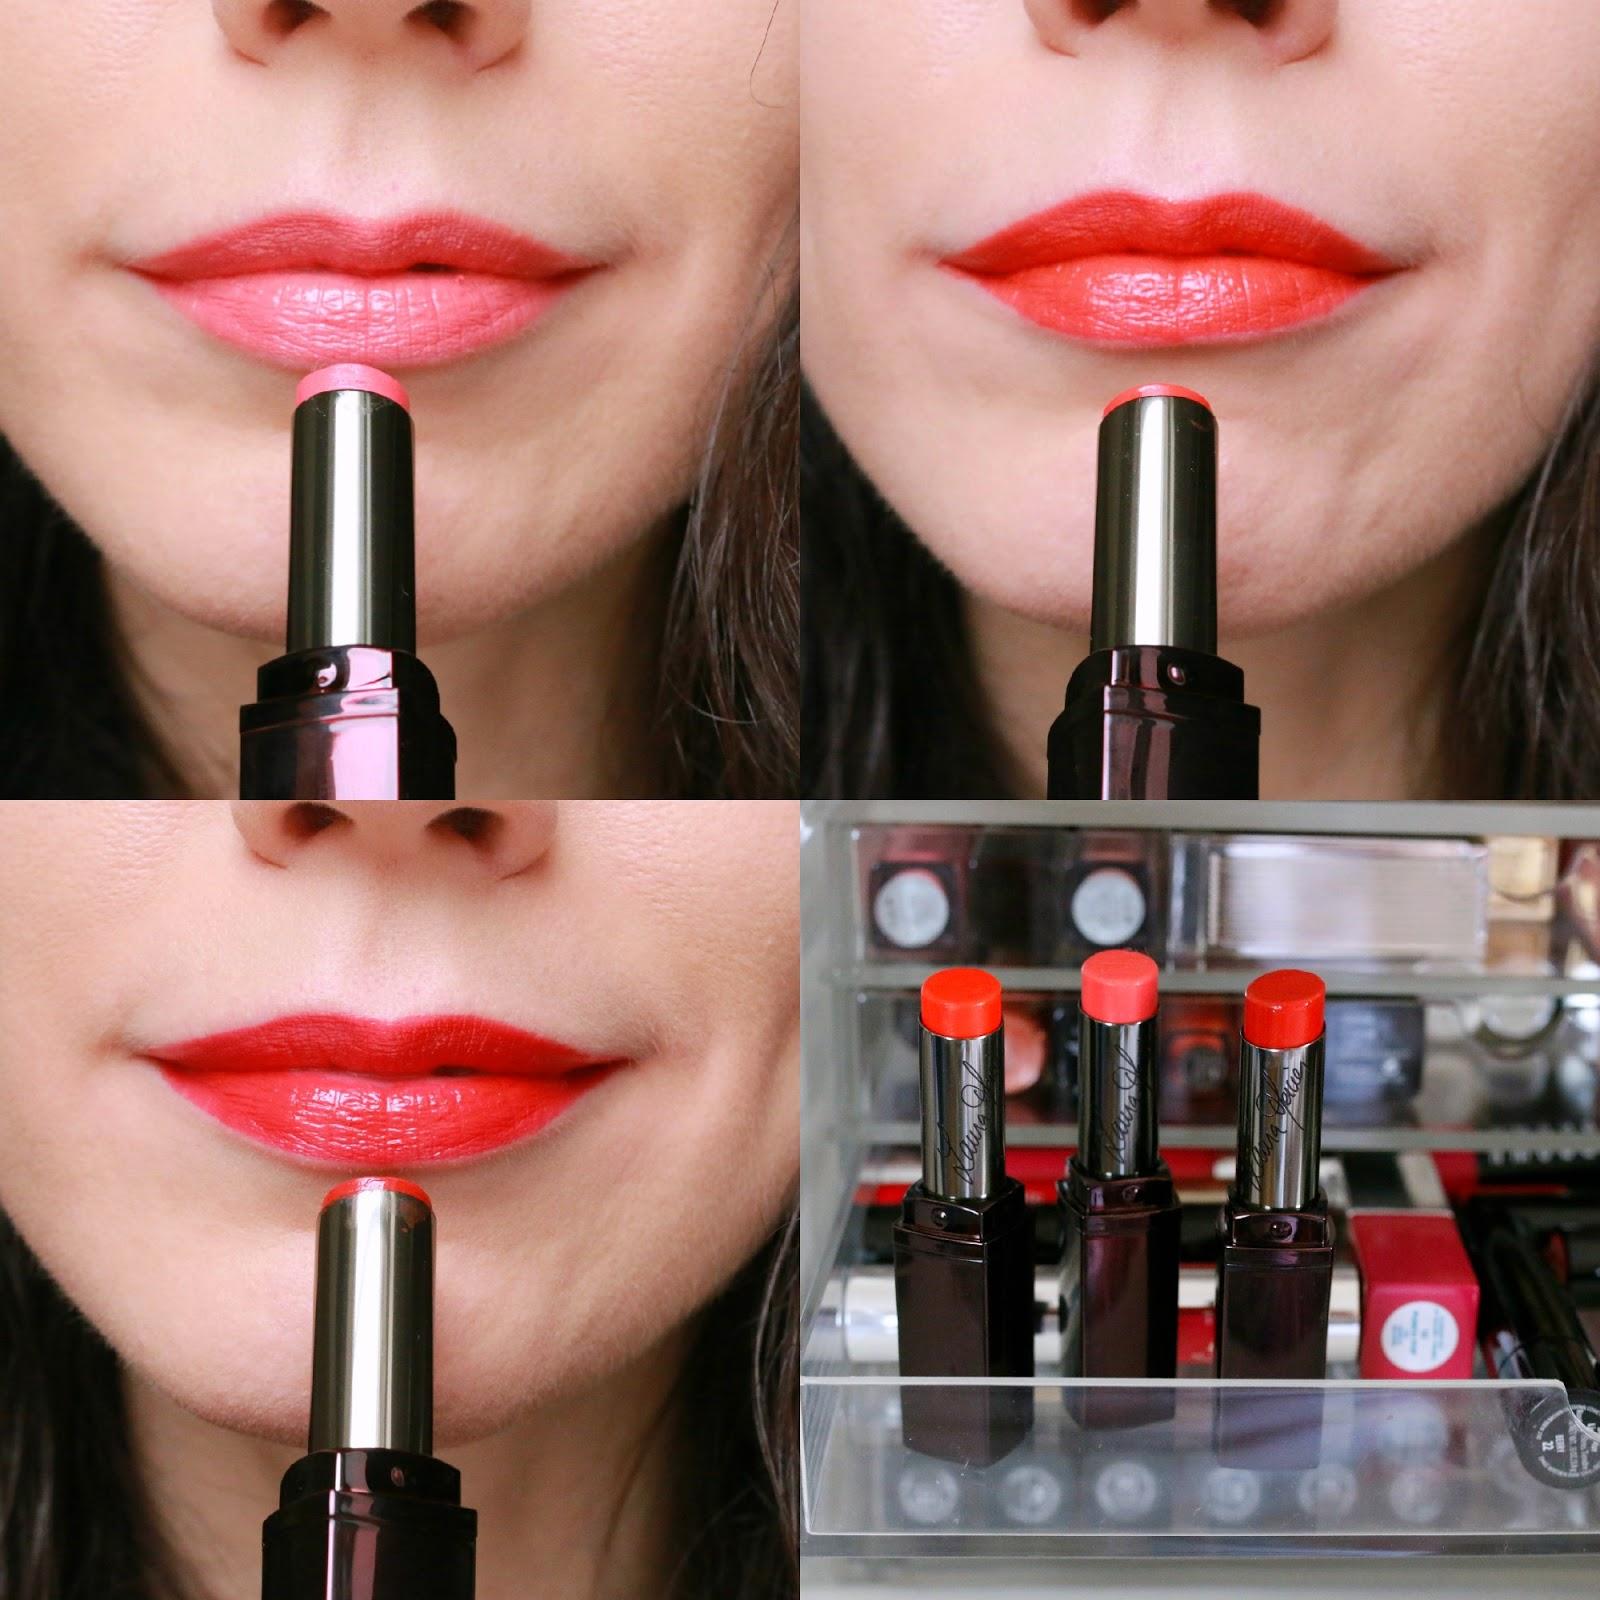 Laura Mercier Lip Parfait Colourbalm swatches